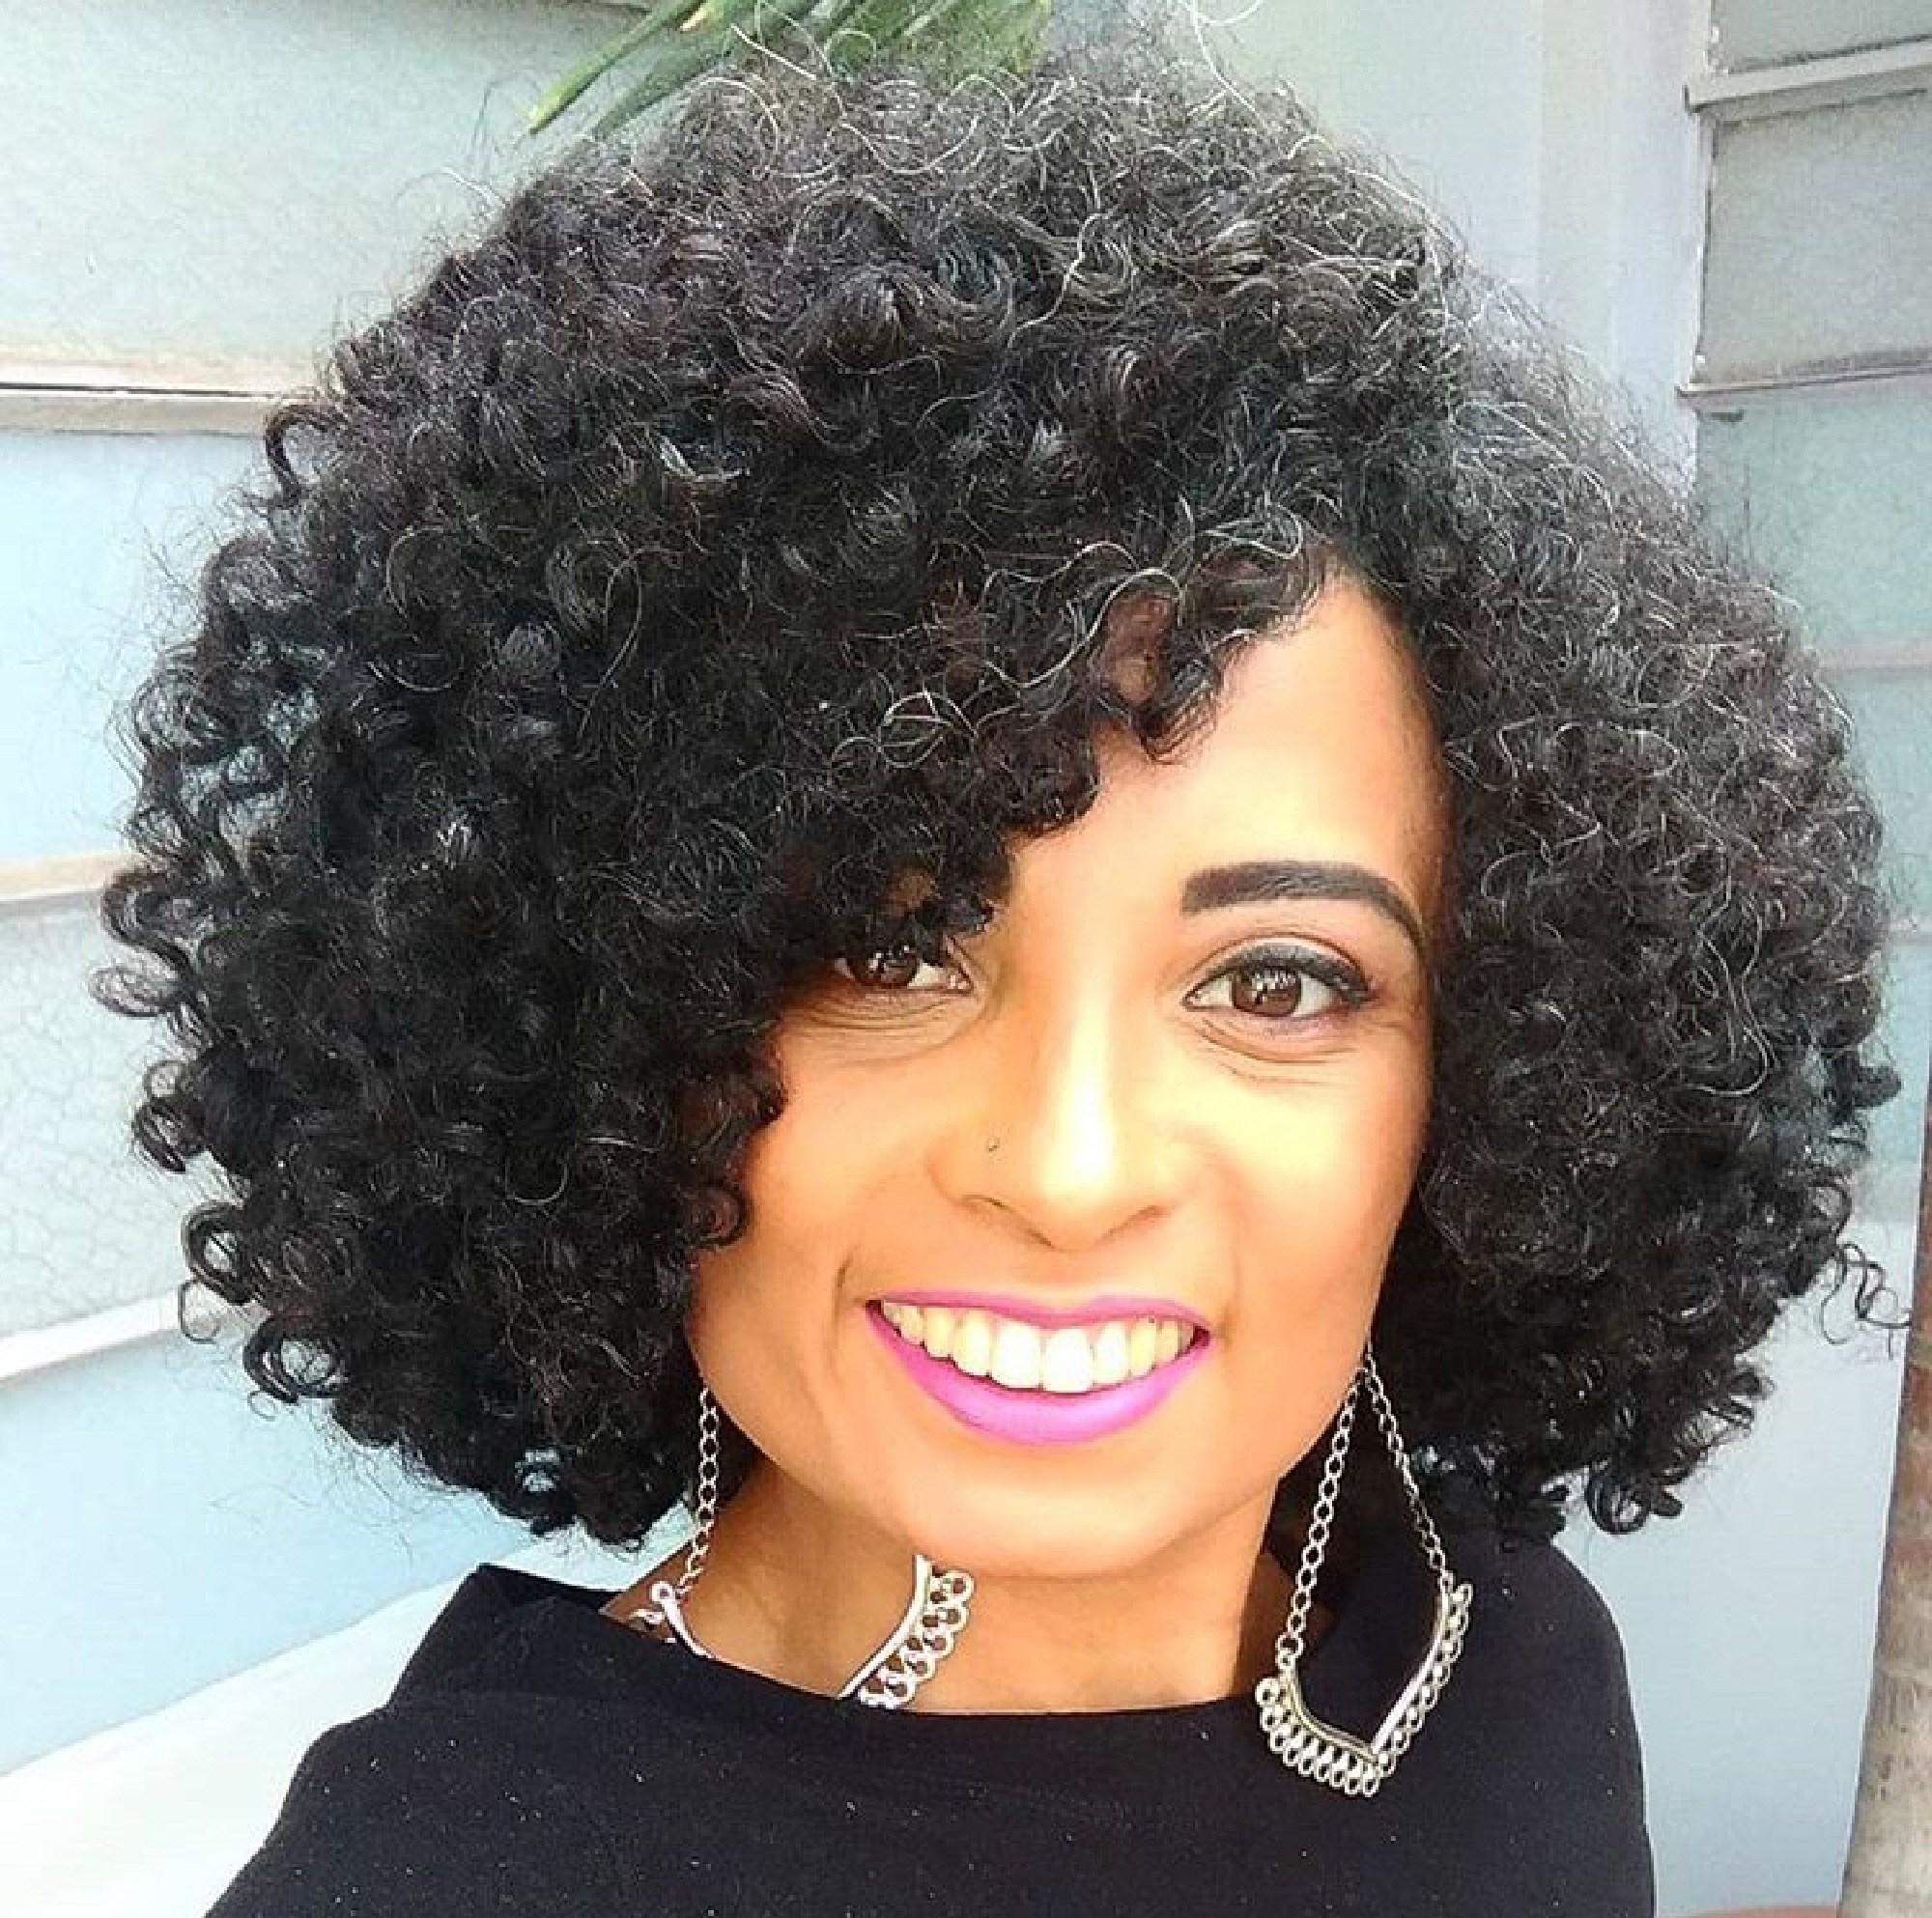 cabelo crespo grisalho 1